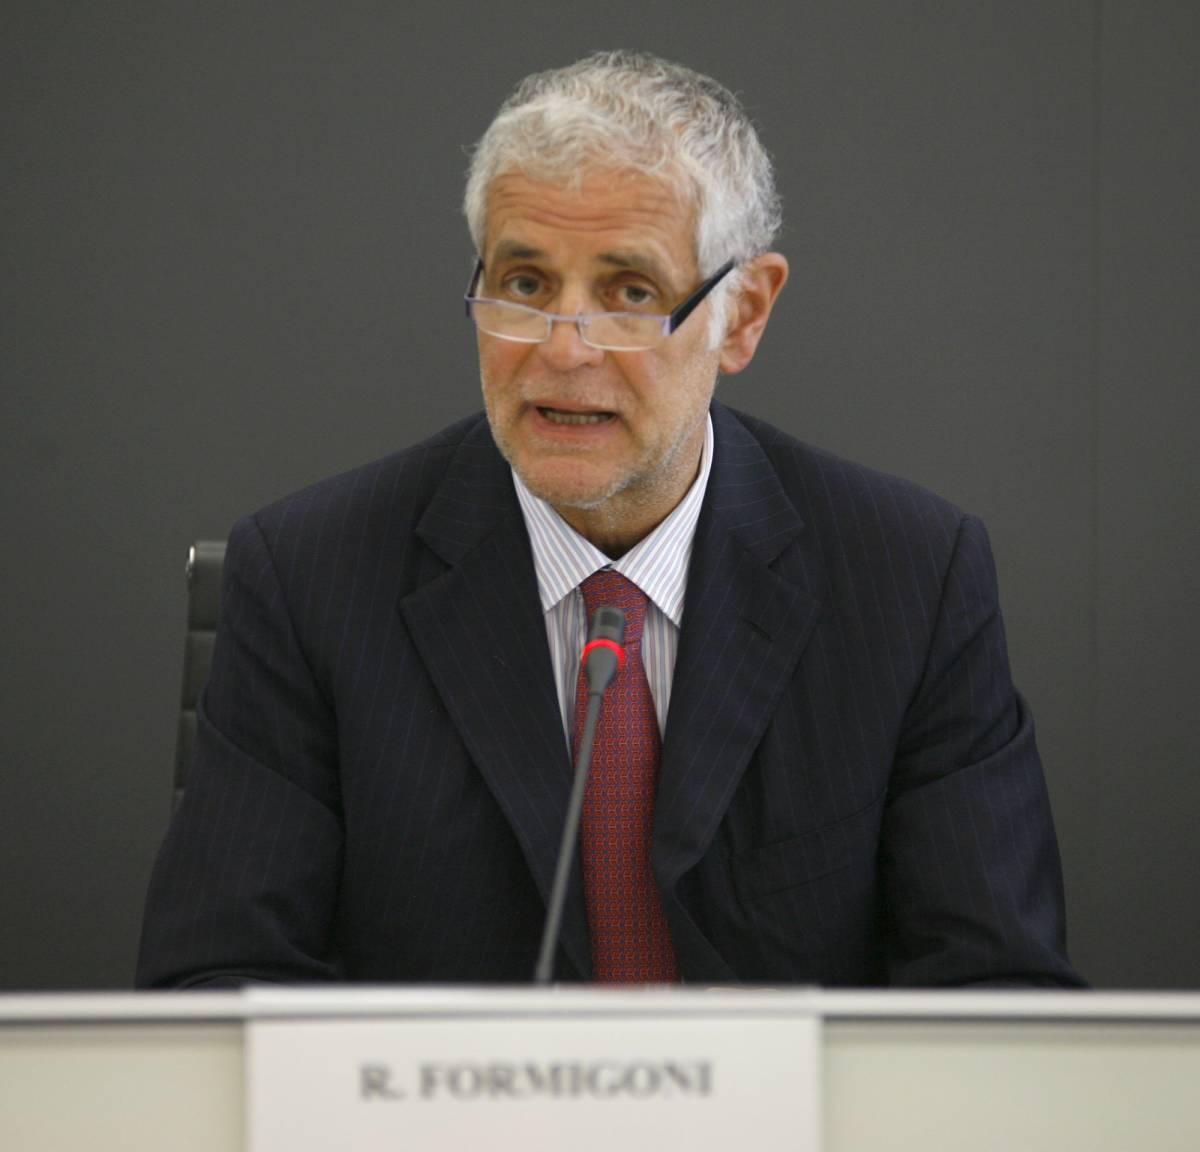 Formigoni: nessun litigio tra Regione  e Comune sulle aree per l'Expo